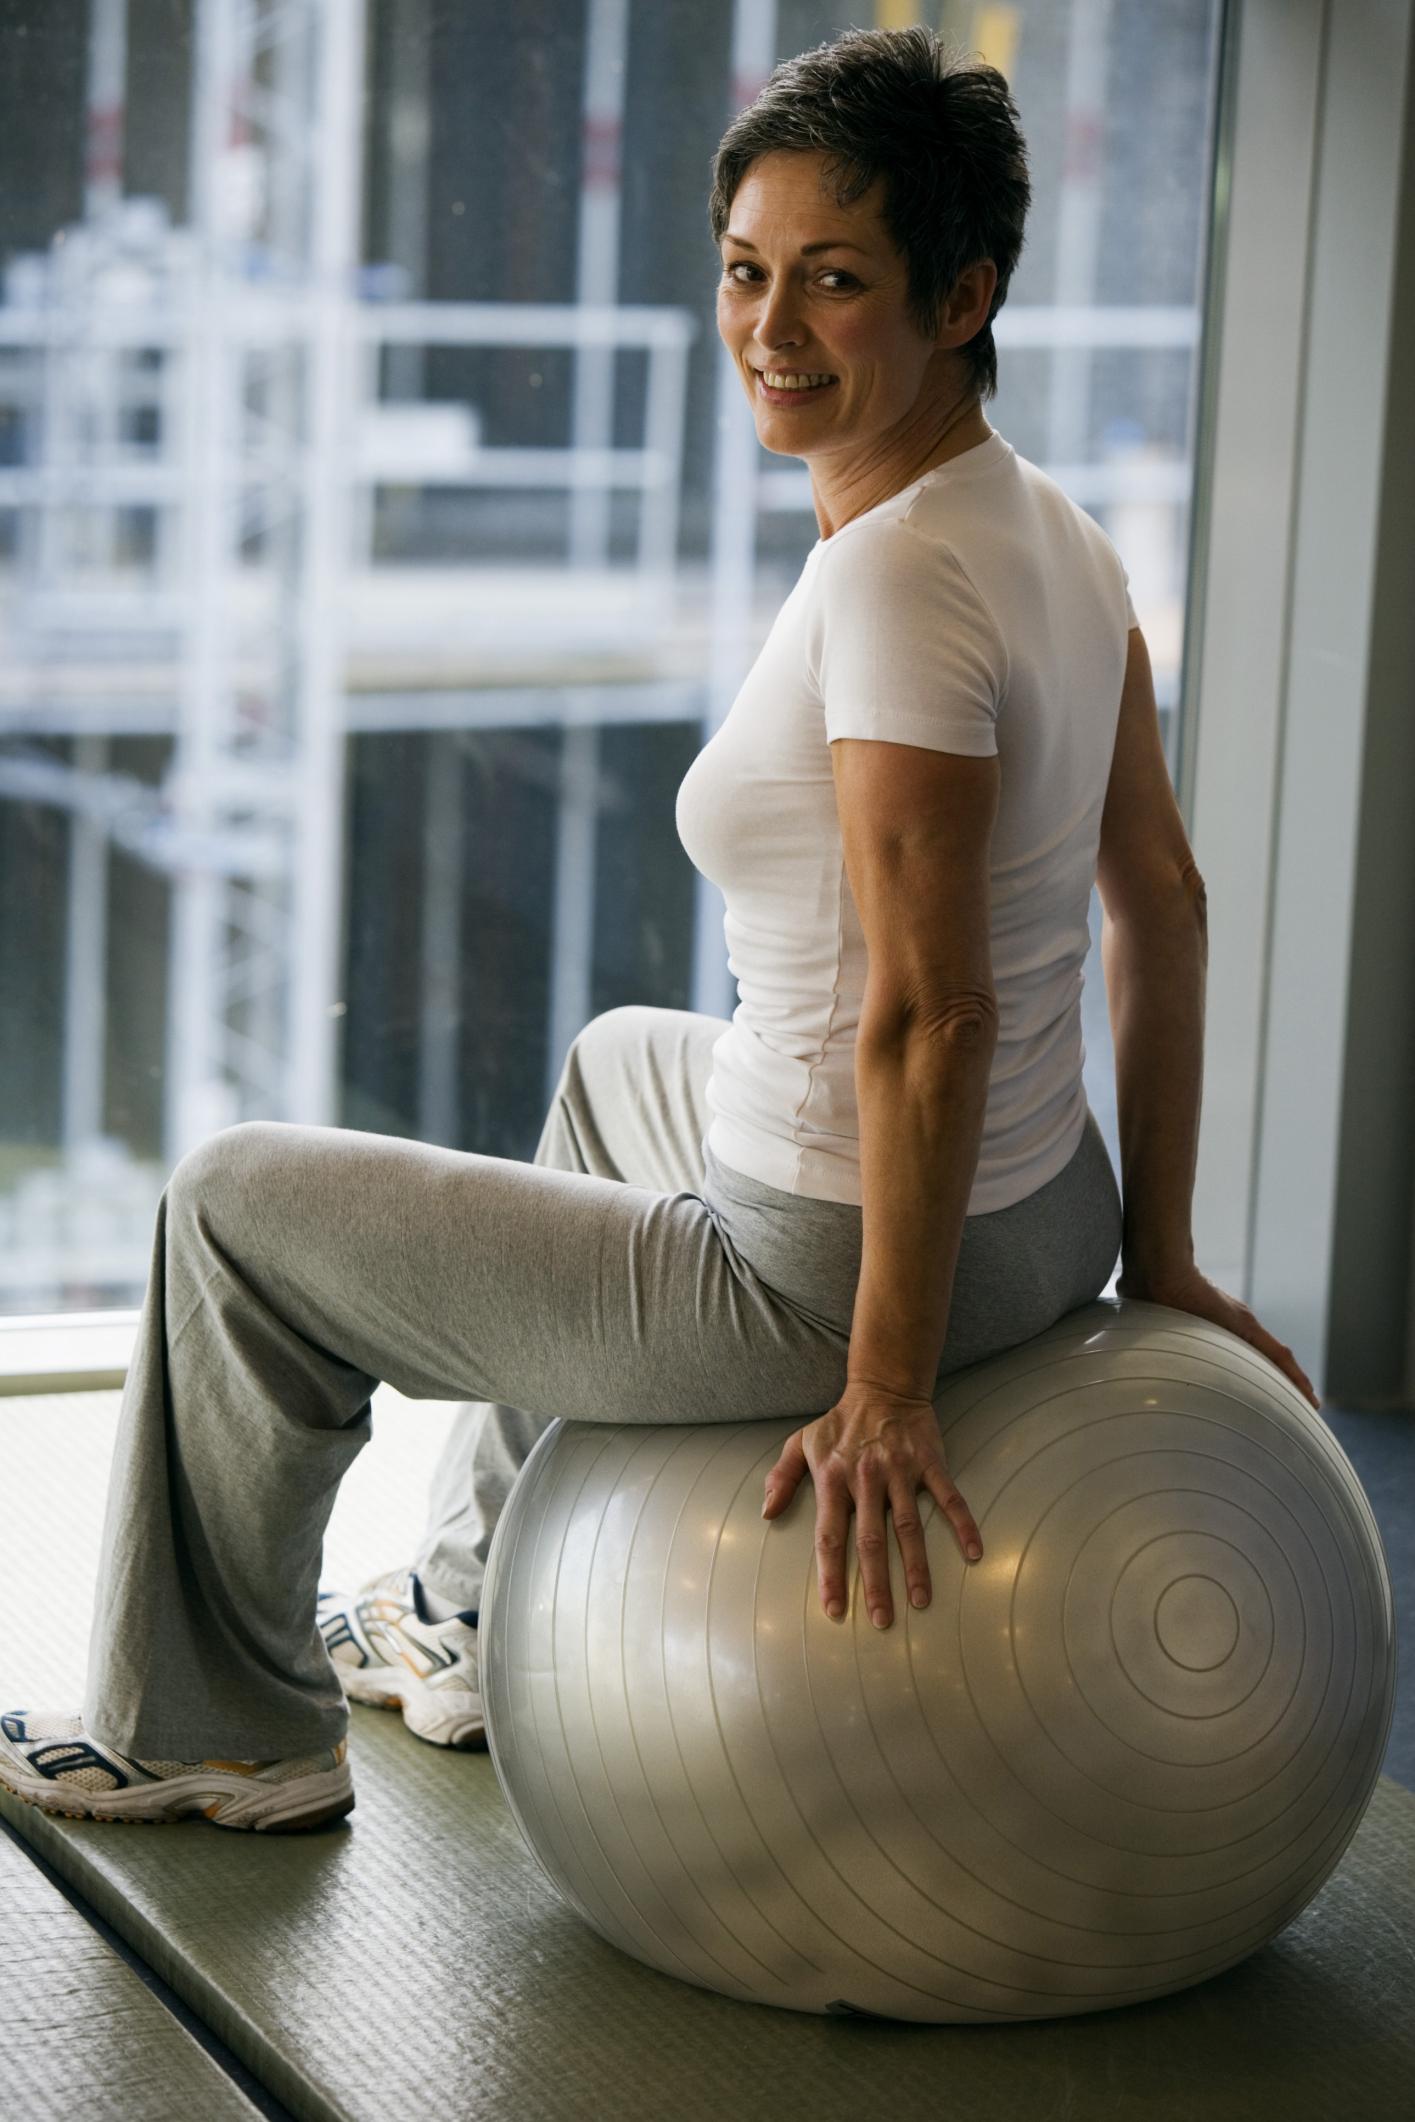 Stomach Slimming Exercises For Older Women